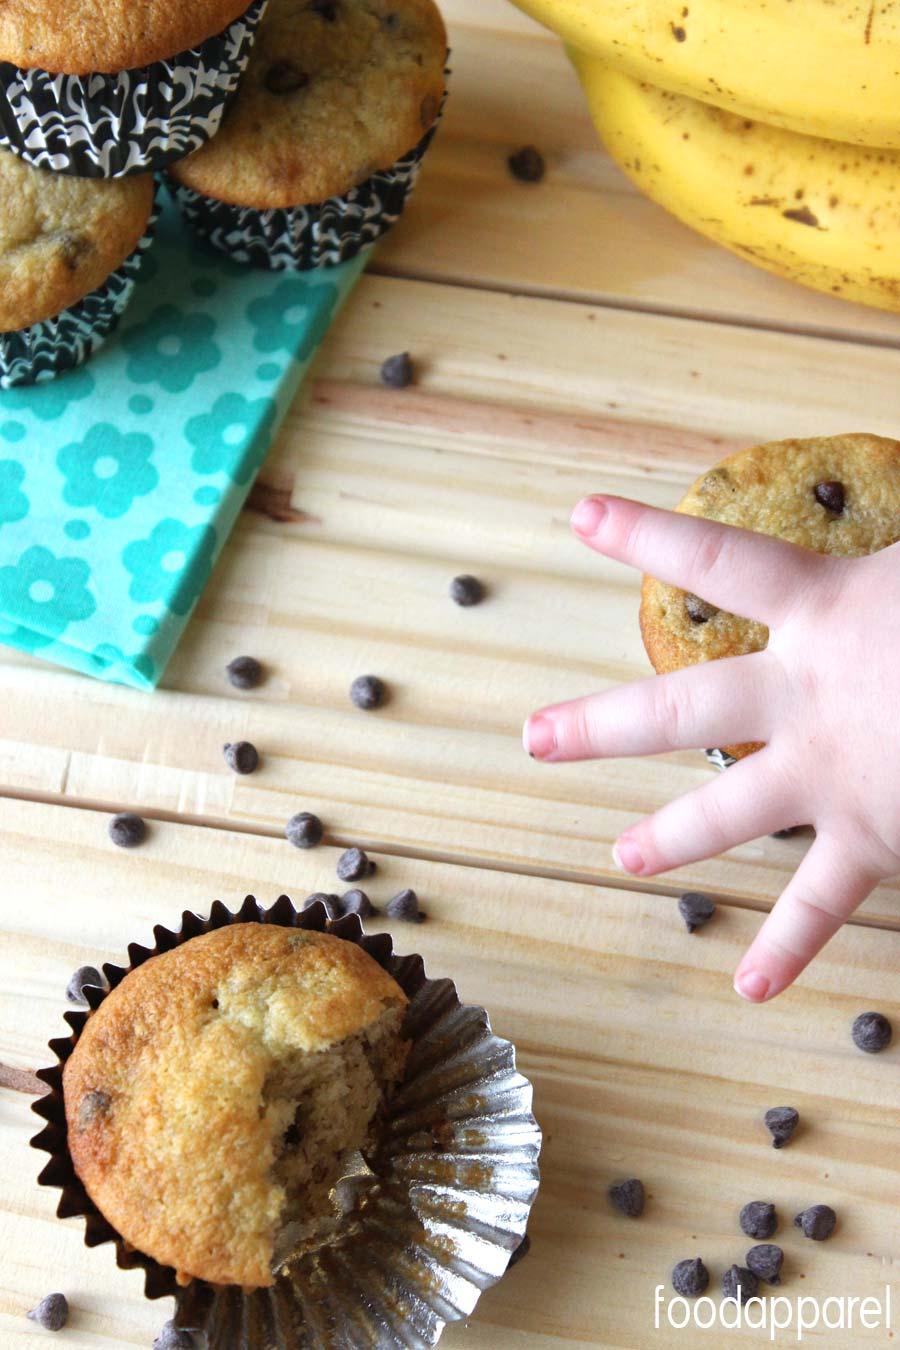 hazelnut-banana-bread-6